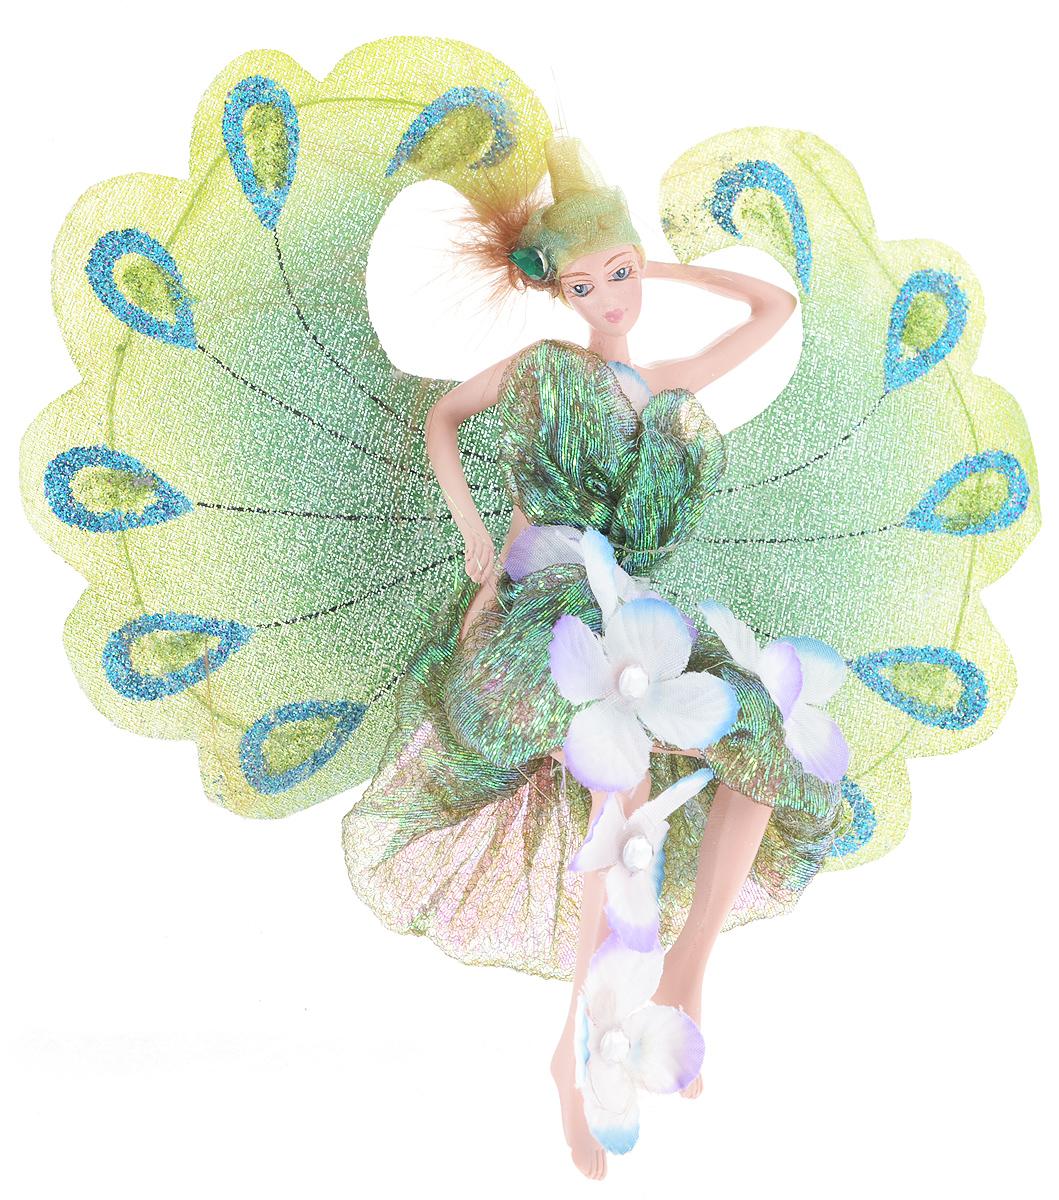 Новогоднее подвесное украшение Erich Krause Фея императорских цветов38532Новогоднее подвесное украшение Erich Krause Фея императорских цветов можно повесить на елку или украсить им интерьер. Изделие выполнено из полирезины в виде прекрасной феи с блестящими крылышками, как у павлина. Фея одета в красивое блестящее платьице с цветами, на голове - шапочка, декорированная пером и зеленым стразом. Елочная игрушка - символ Нового года. Она несет в себе волшебство и красоту праздника. Создайте в своем доме атмосферу веселья и радости, украшая всей семьей новогоднюю елку нарядными игрушками, которые будут из года в год накапливать теплоту воспоминаний.